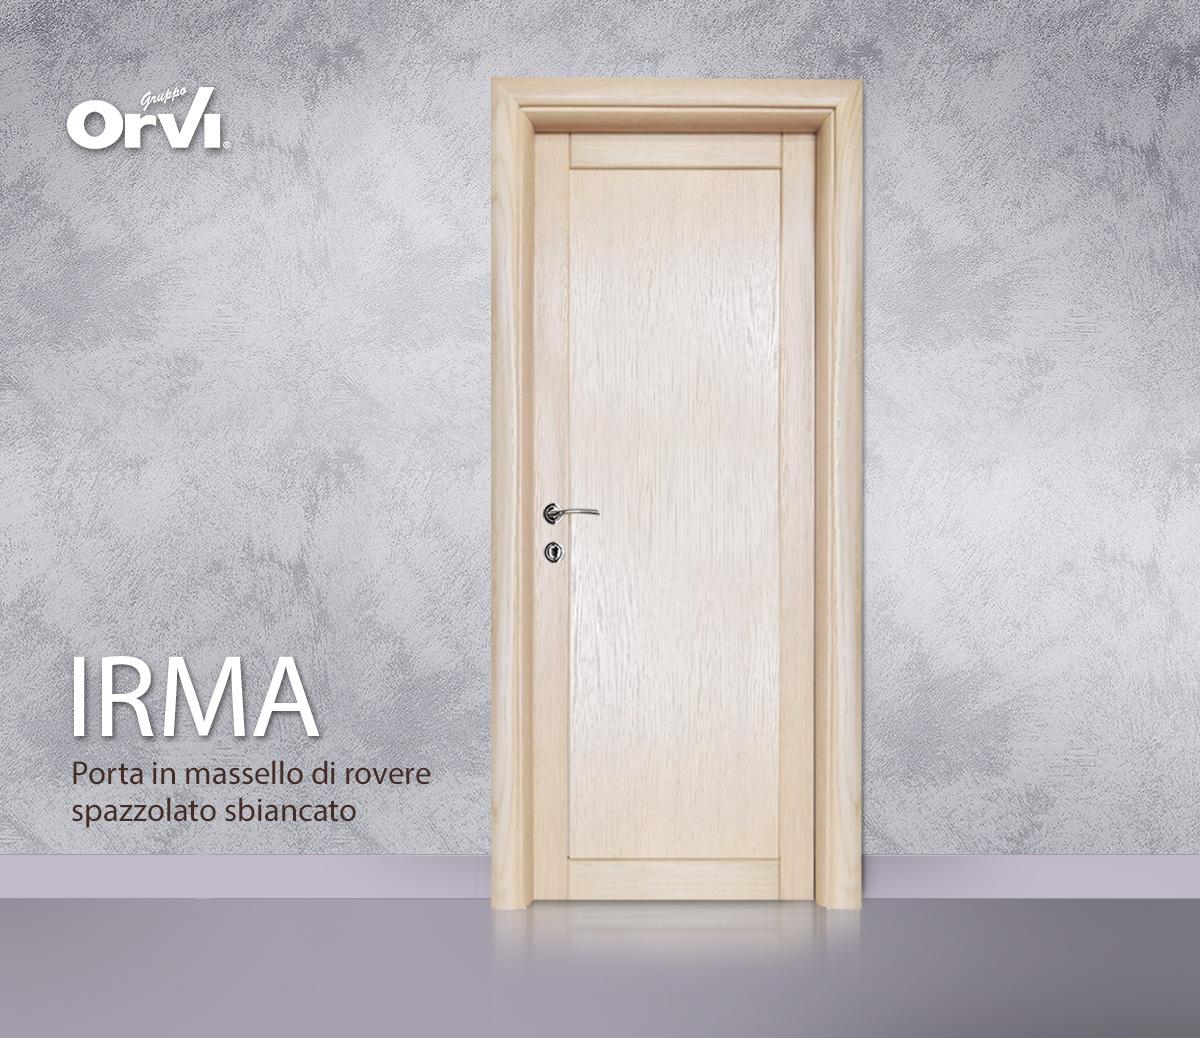 Porte Rovere Sbiancato Spazzolato porta irma in massello di rovere | porta da interno